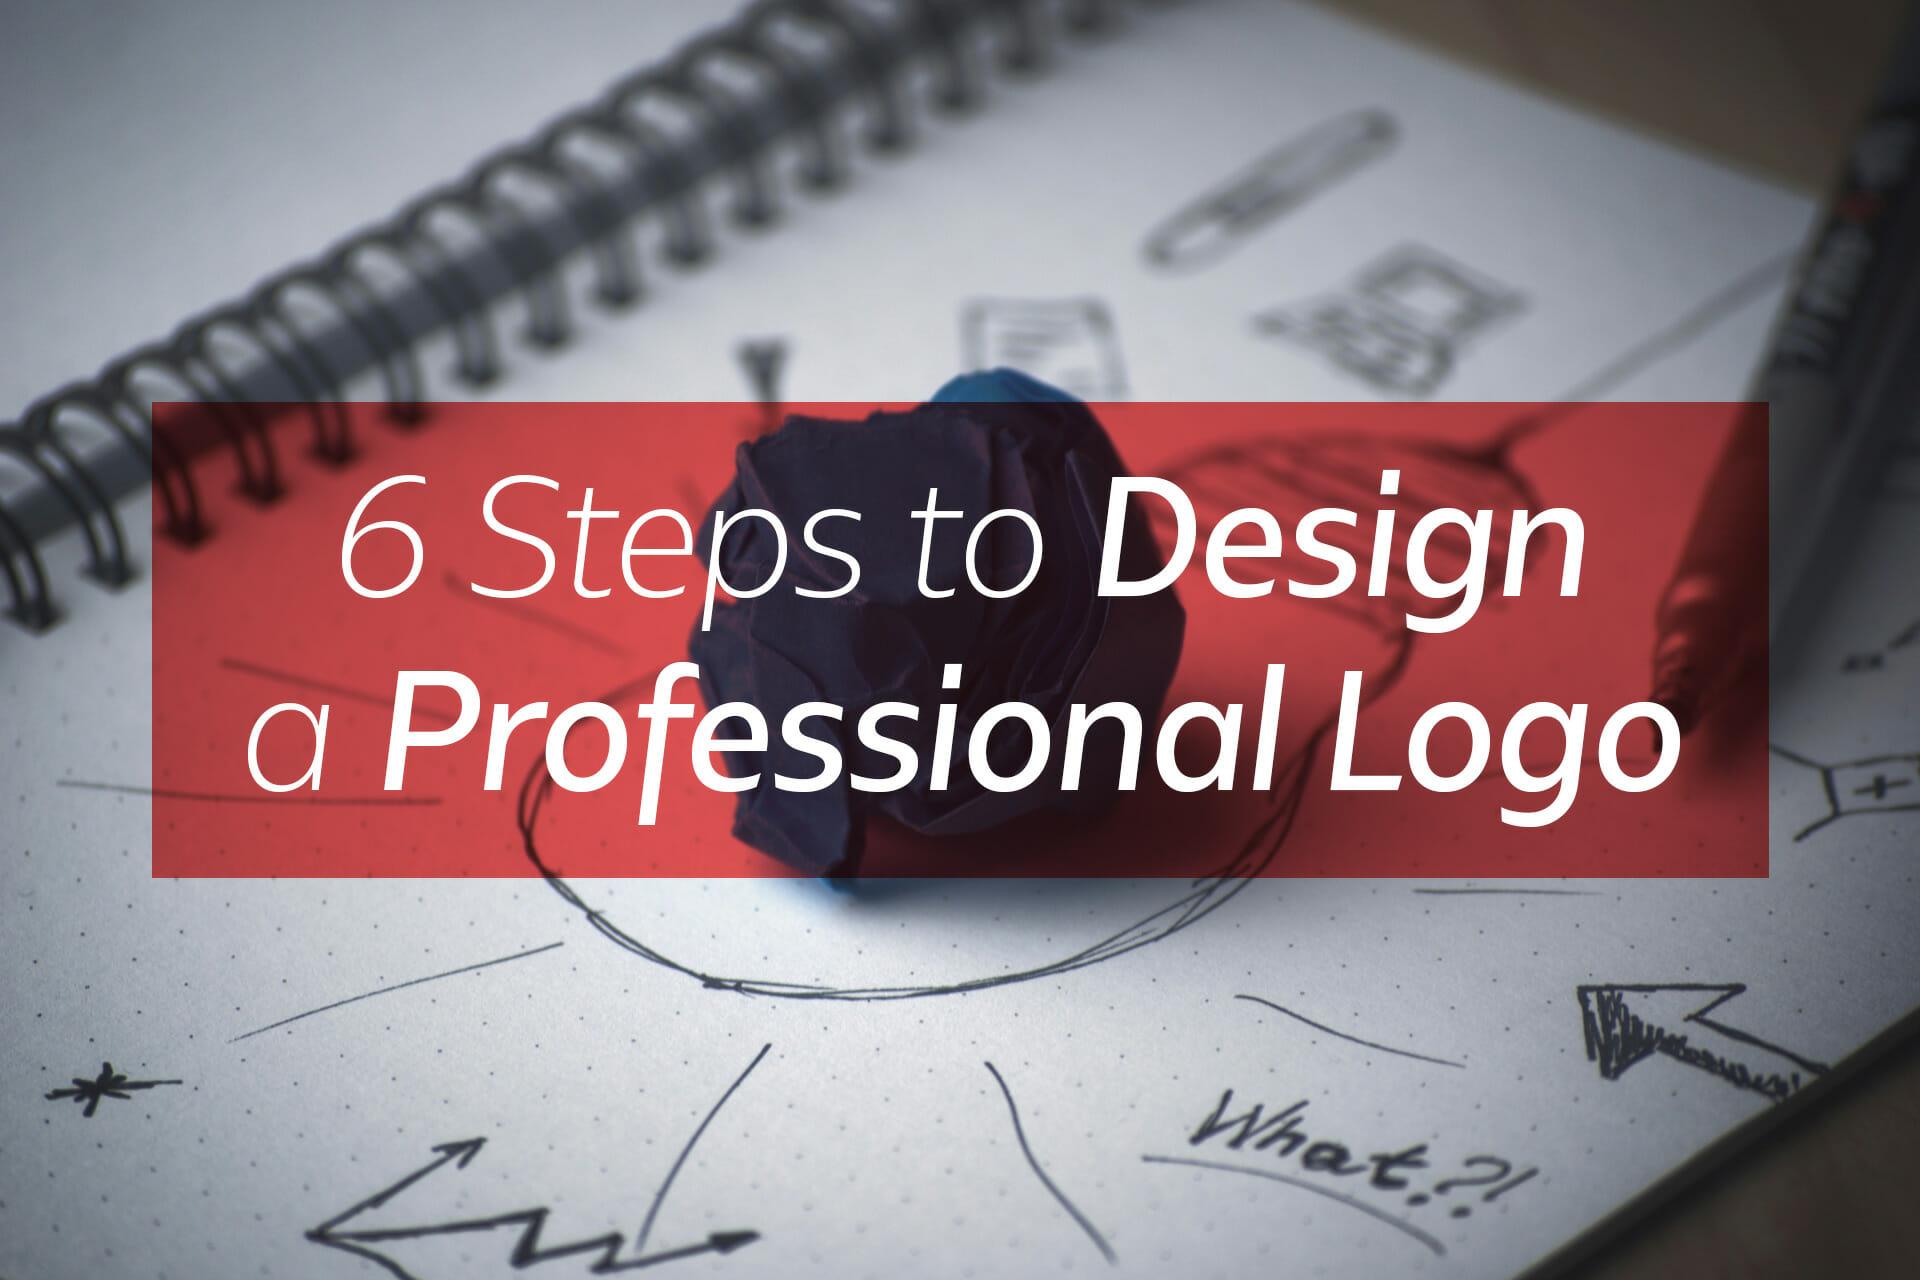 6 steps to design a professional logo